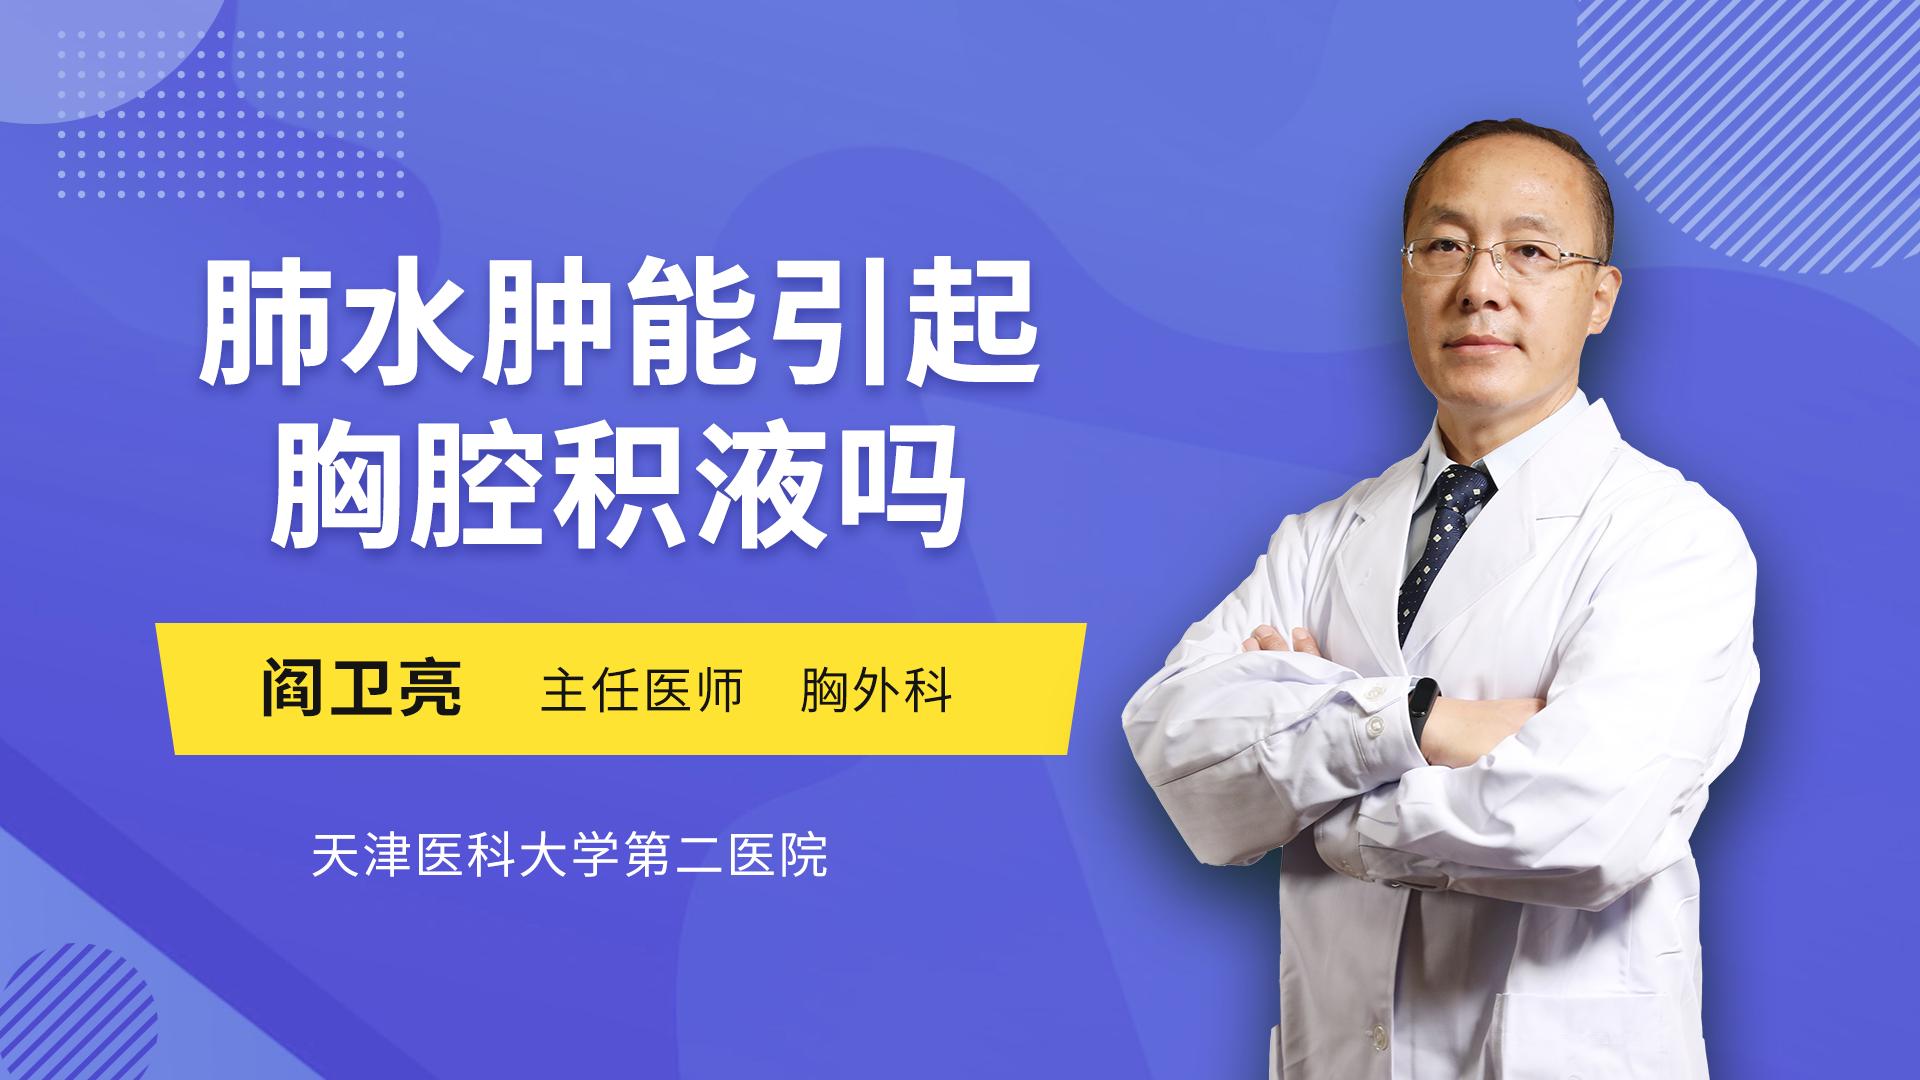 肺水肿能引起胸腔积液吗